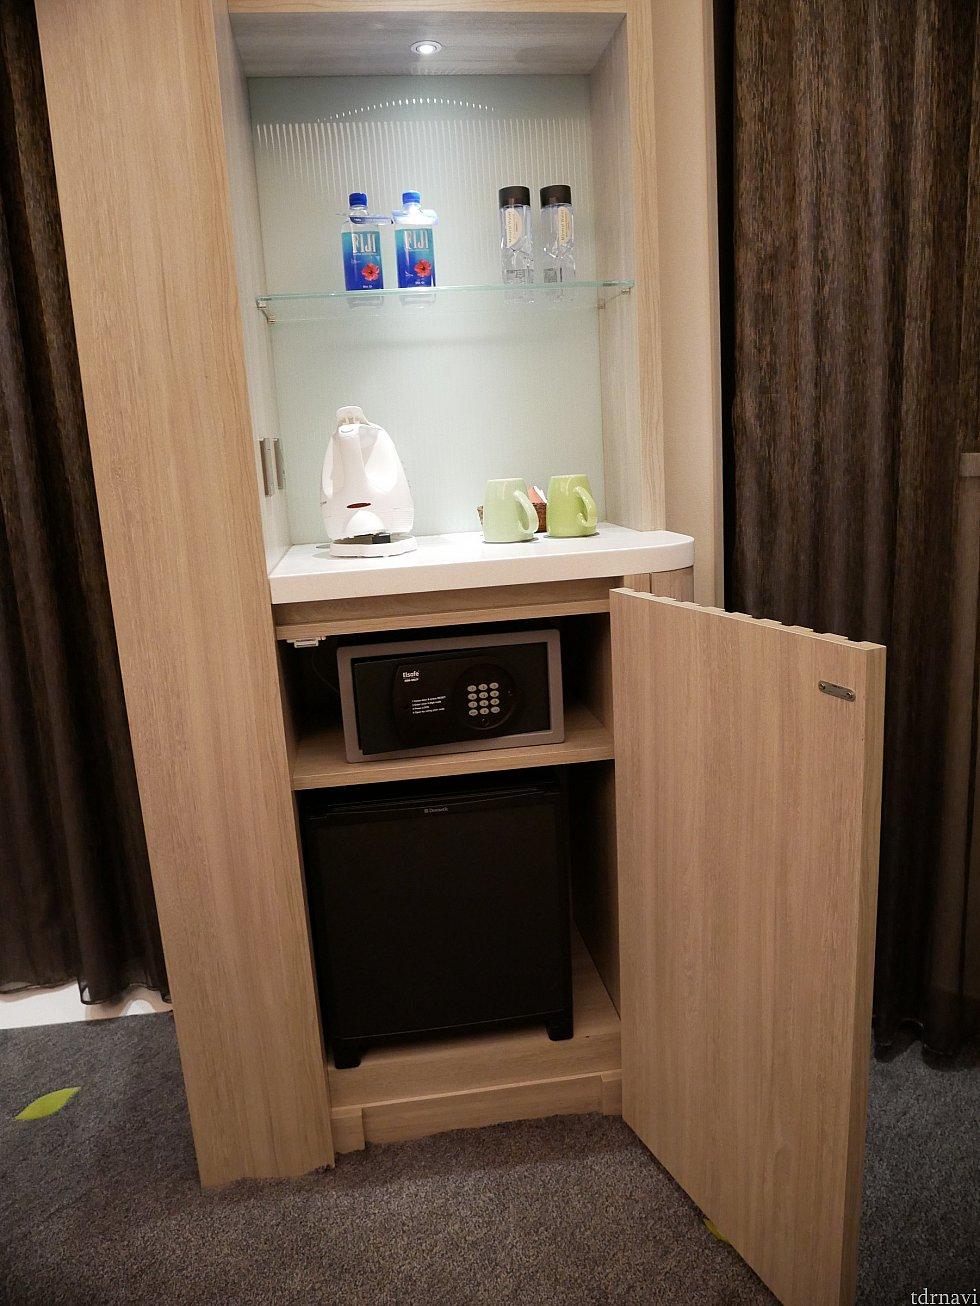 無料の水と有料の水(FUJI)があります。 金庫と冷蔵庫もあります。